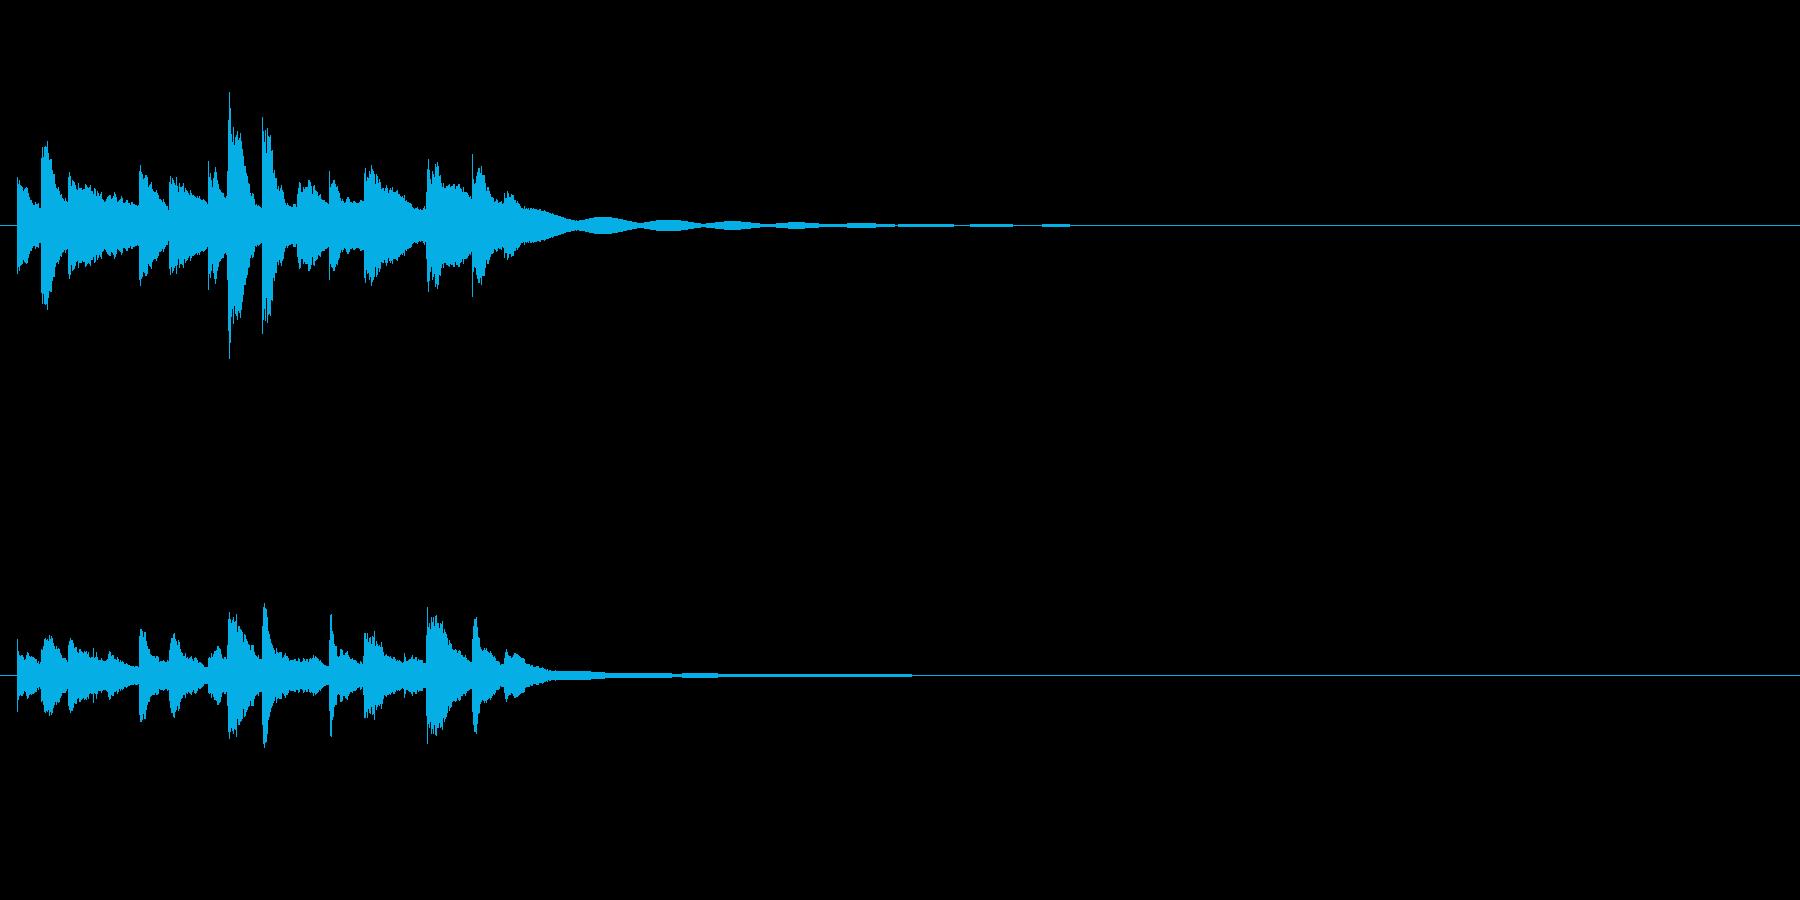 和製ベルの鈴(れい)の清らかな音の再生済みの波形